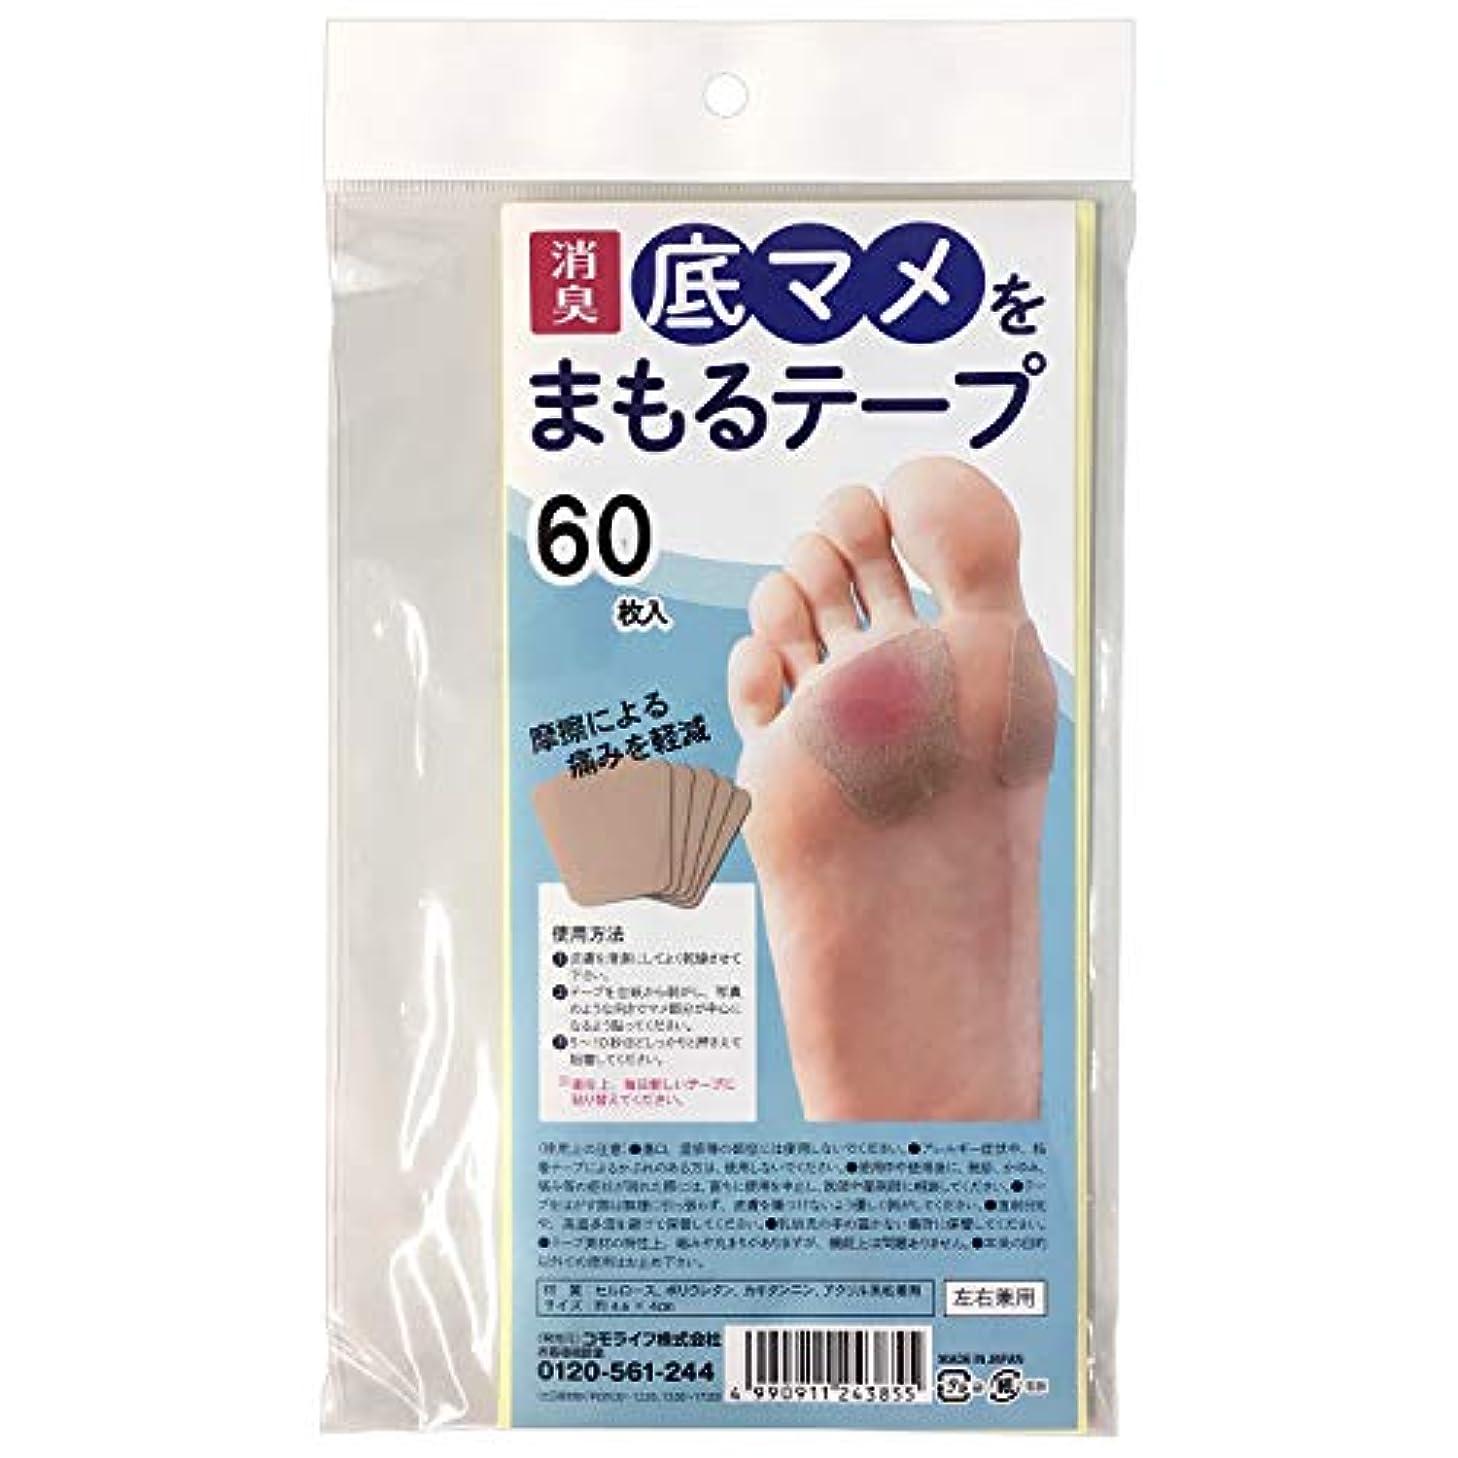 受粉者不均一おんどり底マメをまもるテープ 60枚入 消臭 保護 足裏 痛み 軽減